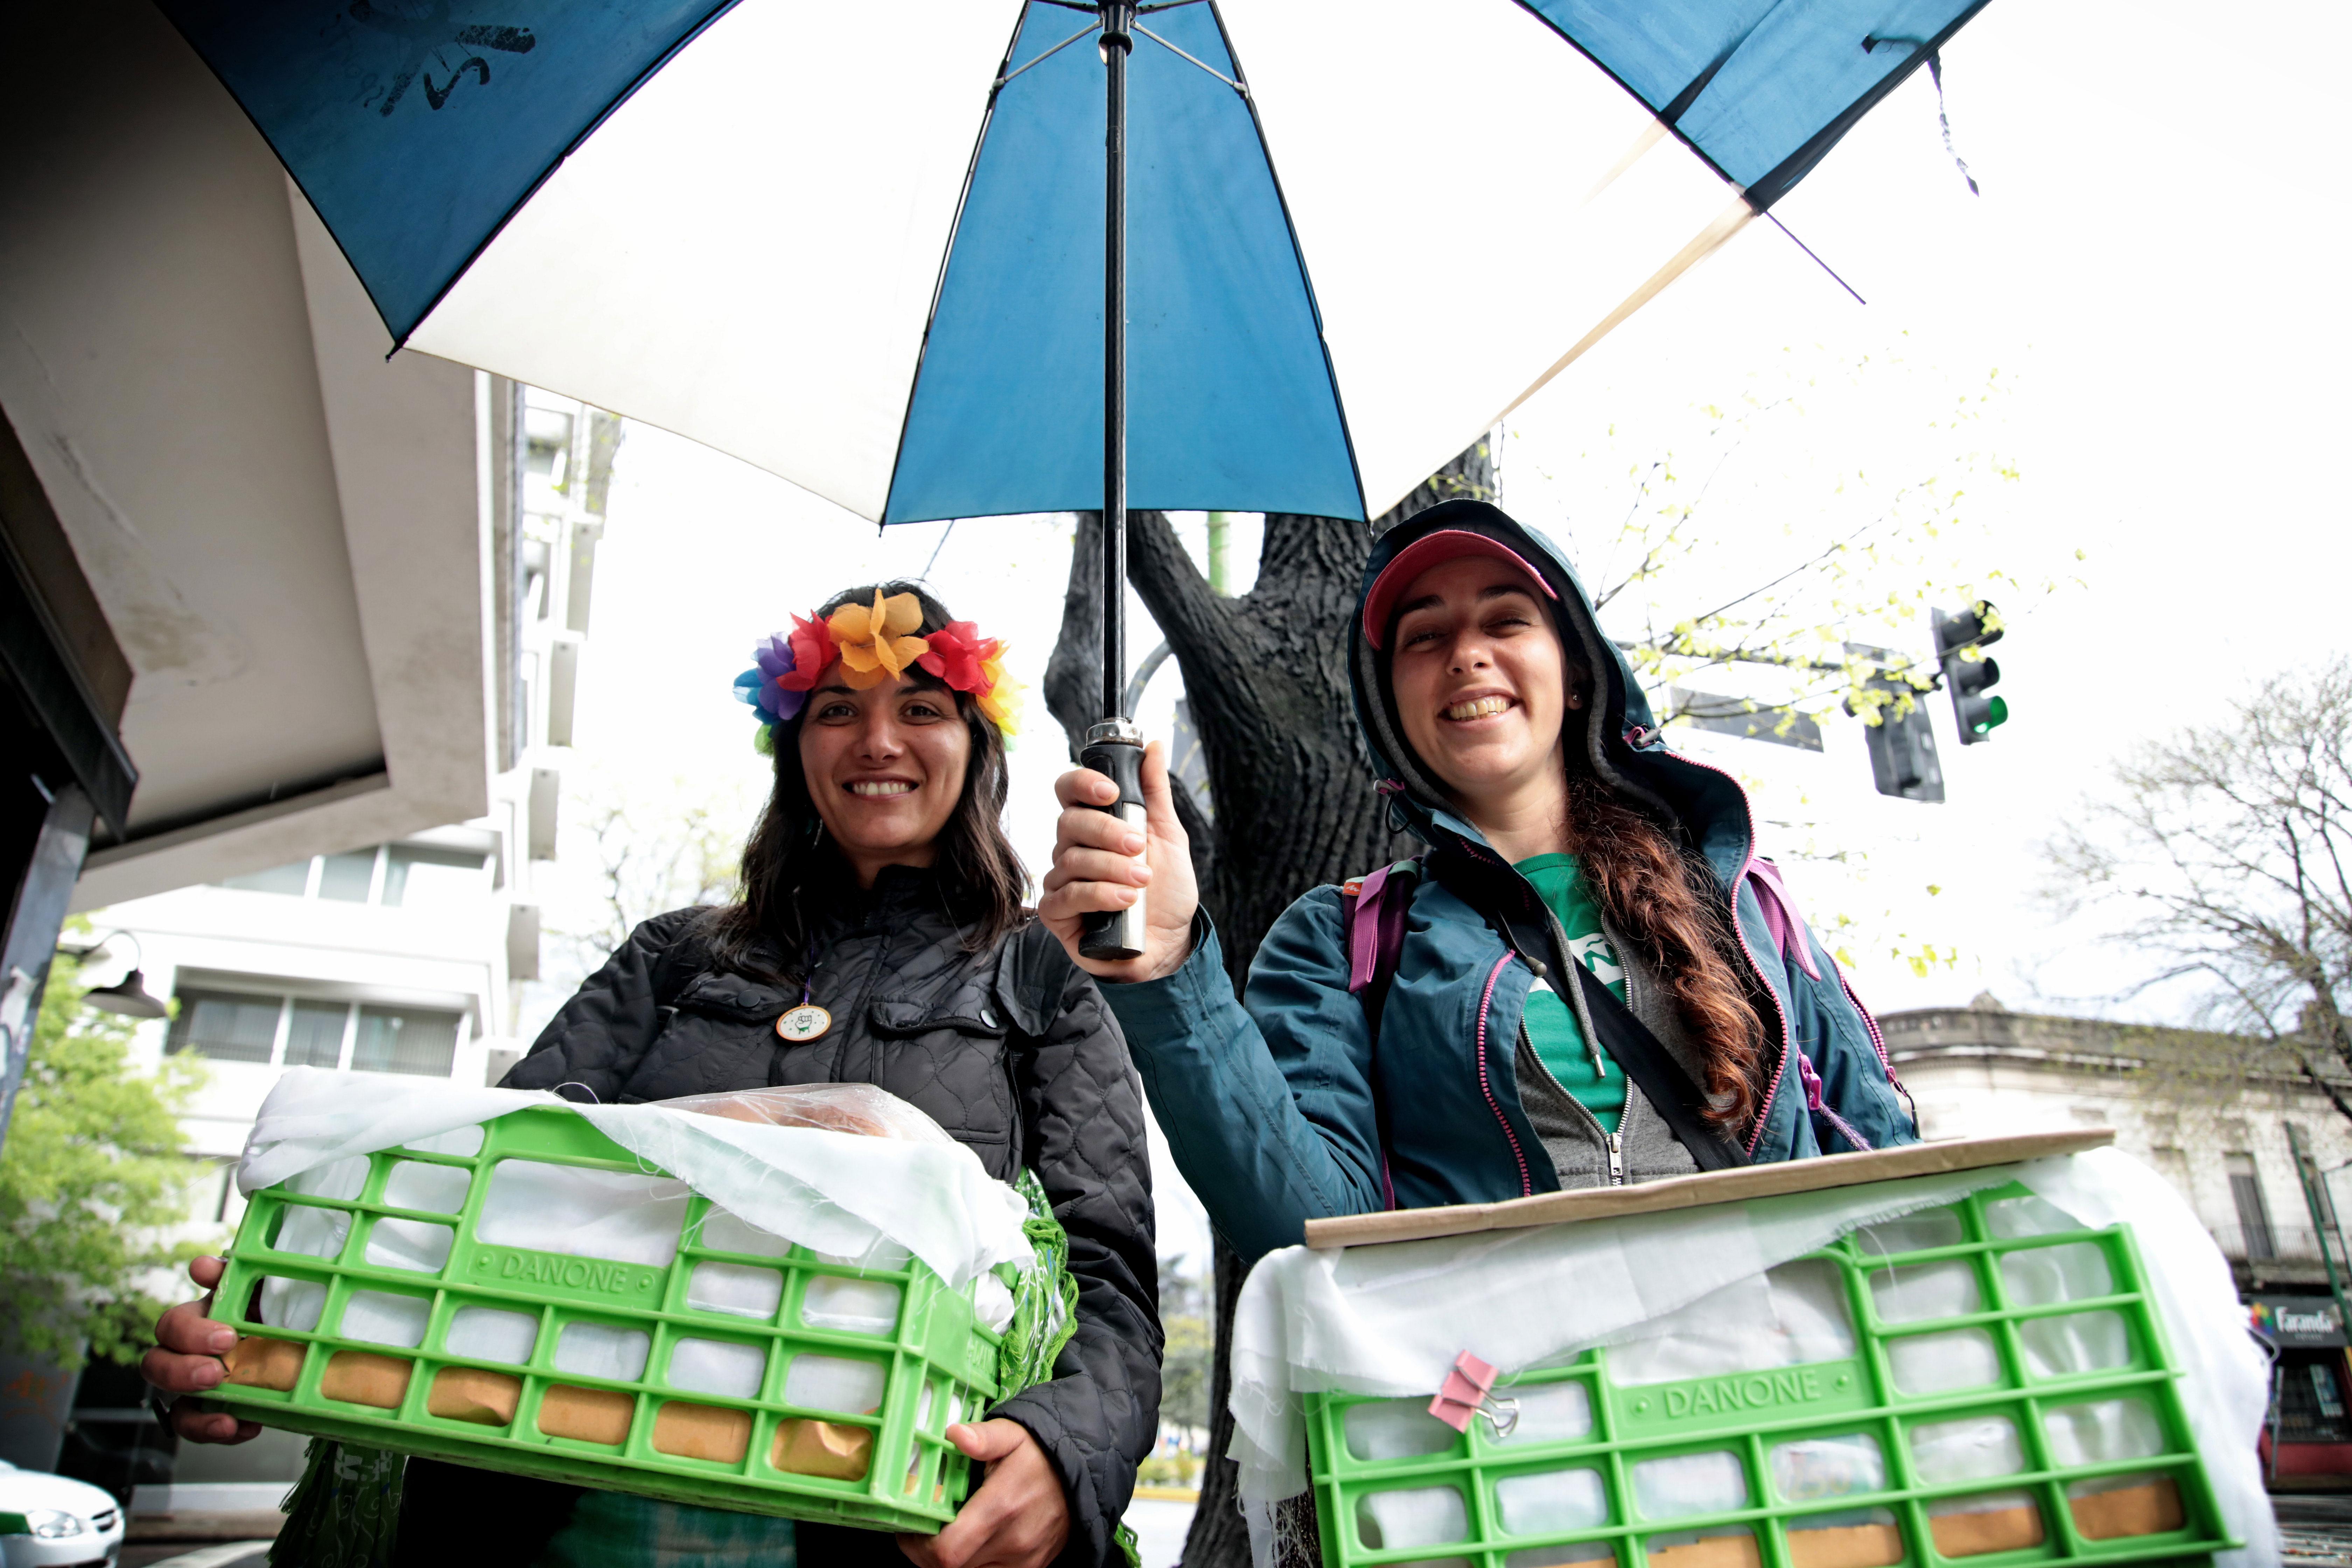 """El domingo se llevará a cabo la Asamblea de Femincistas de Abya Yala (""""América"""") en Plaza San Martín, con foco en la construcción de feminismos plurinacionales, de mujeres y disidencias sexuales"""